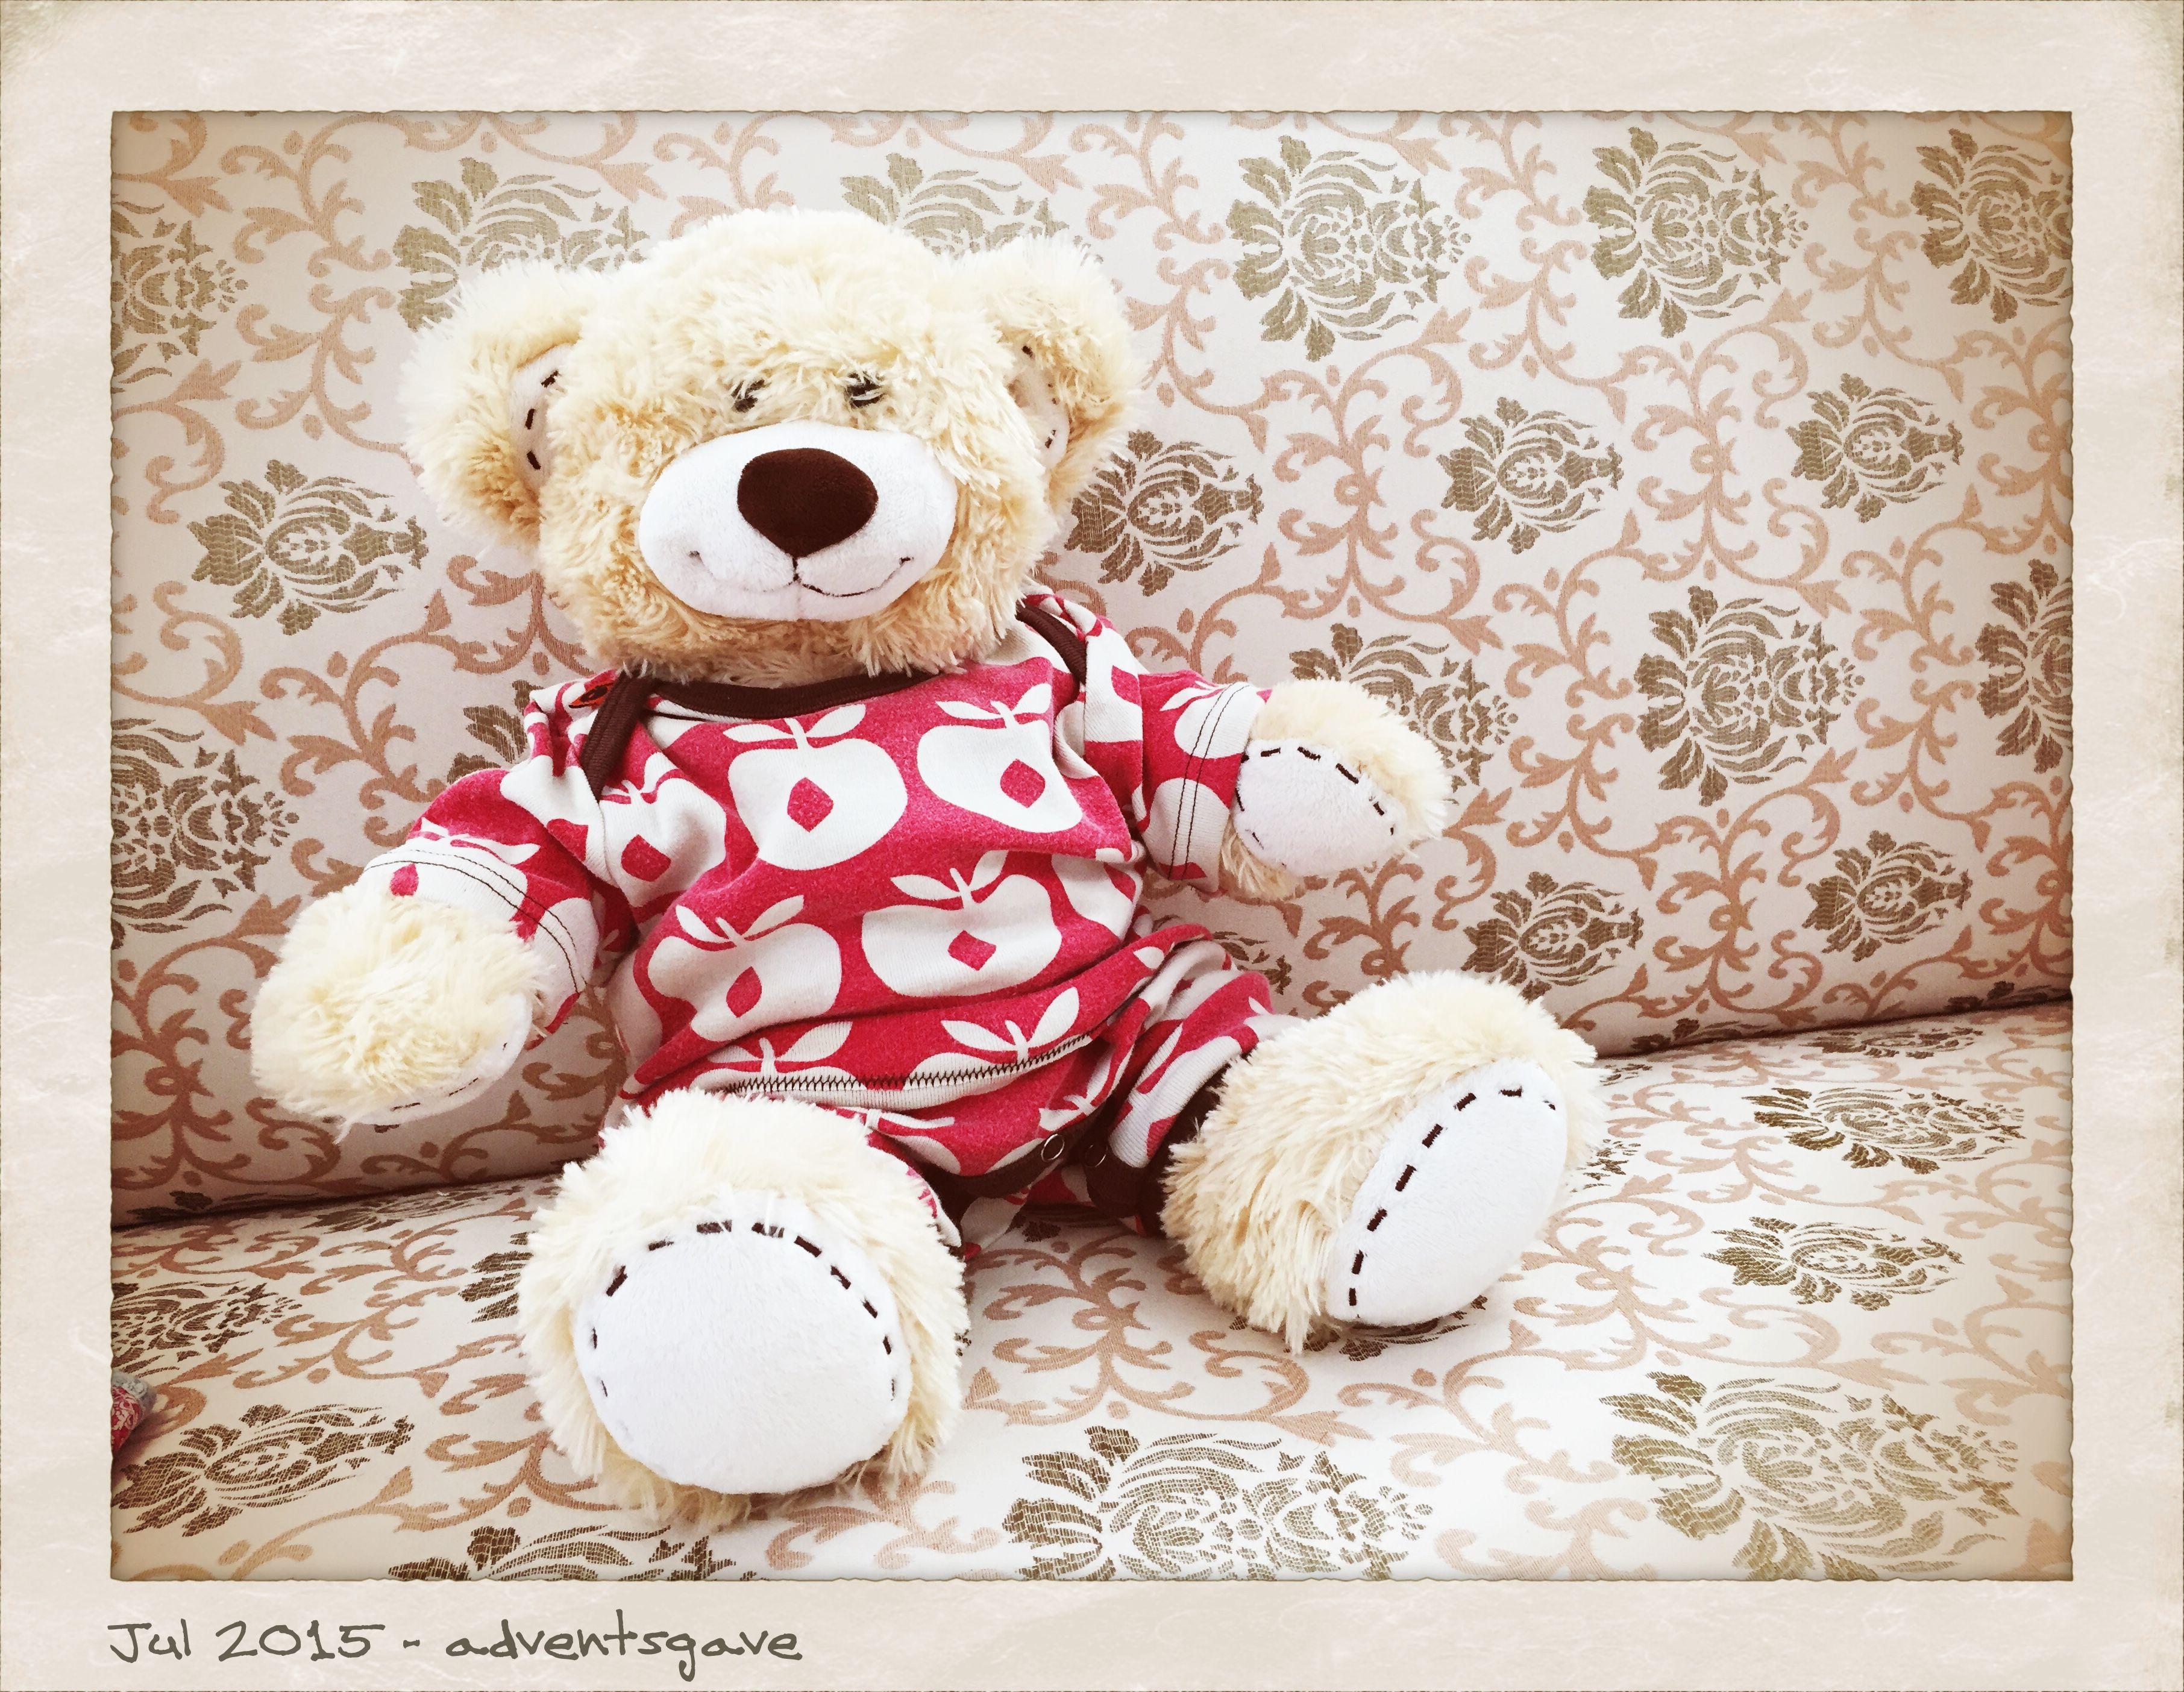 Sødt hjemmesyet tøj til build a Bear  - var så heldig at finde ud af at babytøj størrelse 62 passer næsten perfekt til build a Bear bamserne, arme og ben er for lange, men det kan heldigvis syes om! Her er det en heldragt der er blevet til et super sødt sæt tøj! Trutte får en hel lille kuffert fyldt med bamse-tøj i adventsgave ;0) håber hun bliver glad for alle kreationerne - Handmade by LS www.lisbeth-s.dk